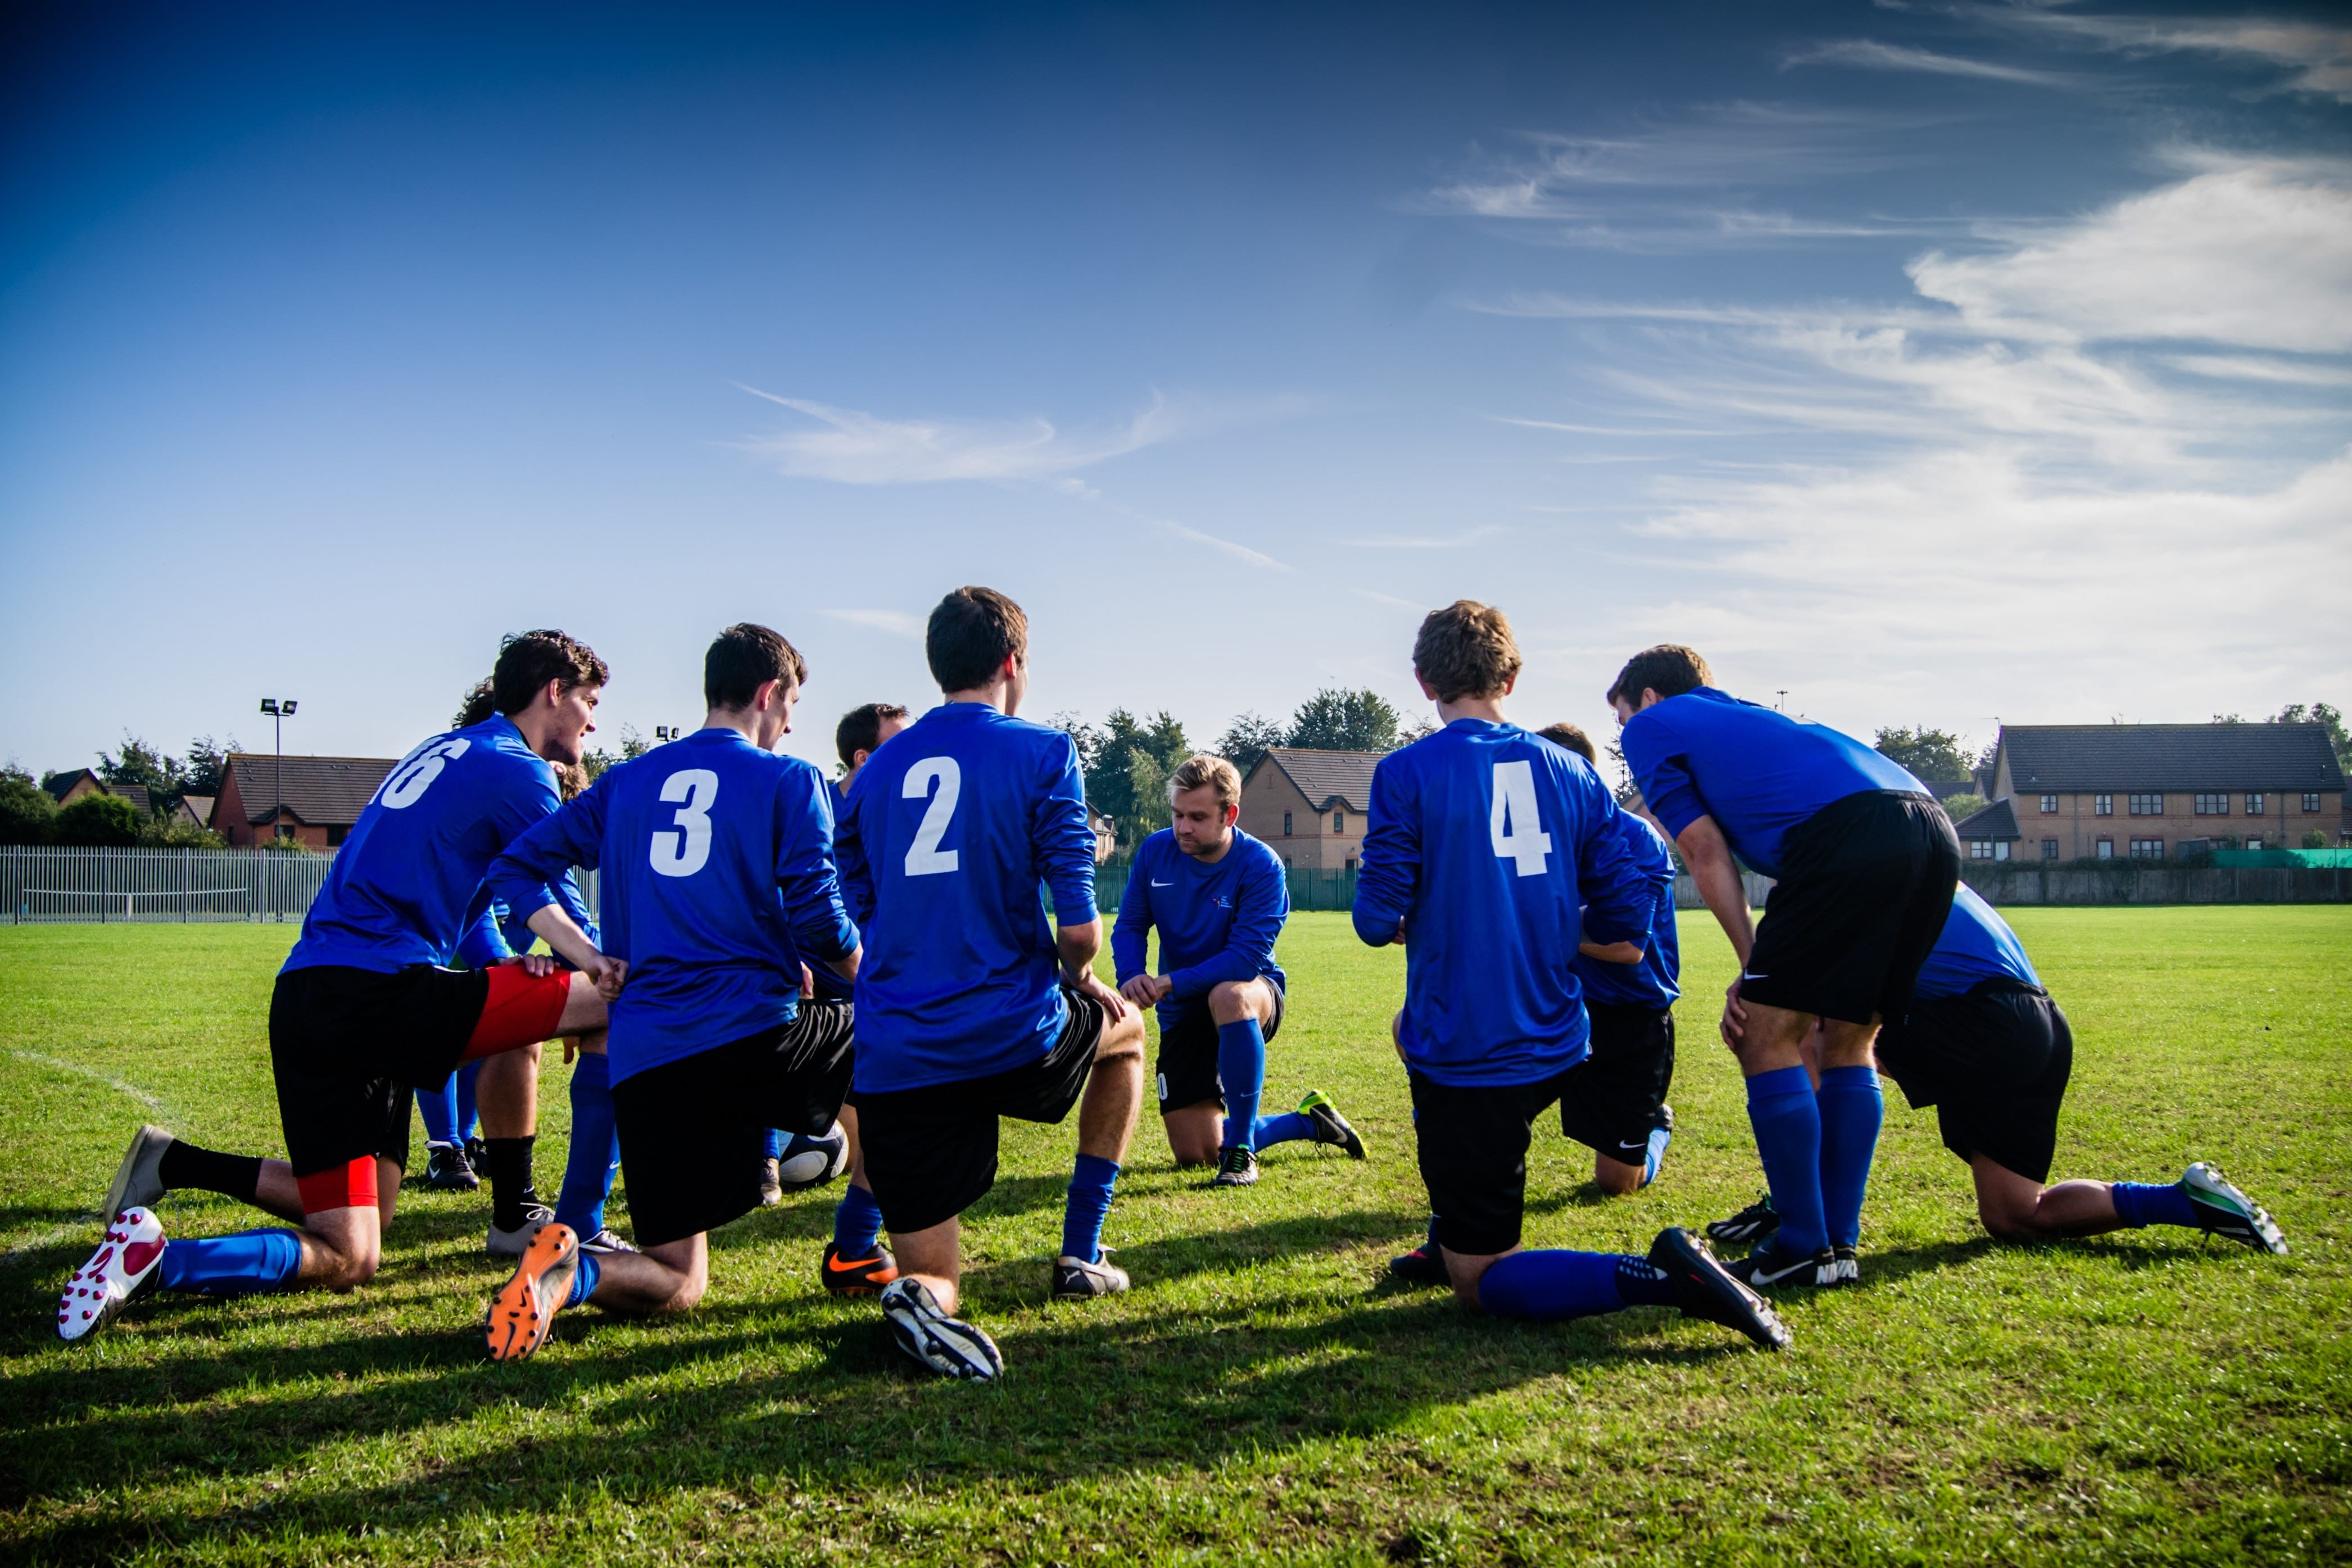 Lo sport inteso come strumento educativo e sociale